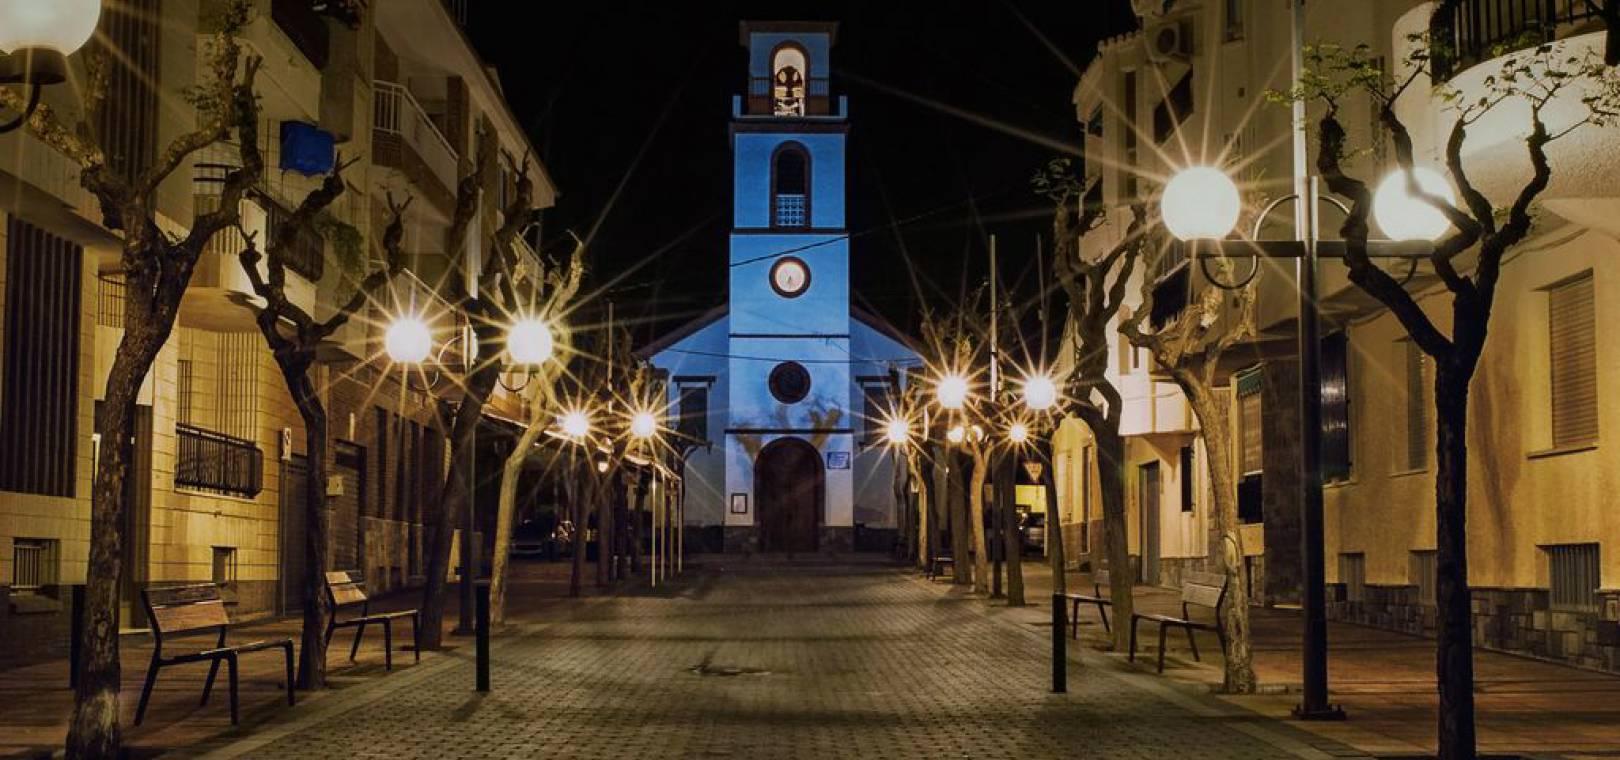 Nieuw gebouw - Villa - Los Alcazares - 30710, Los Alcazares, Murcia, Spain